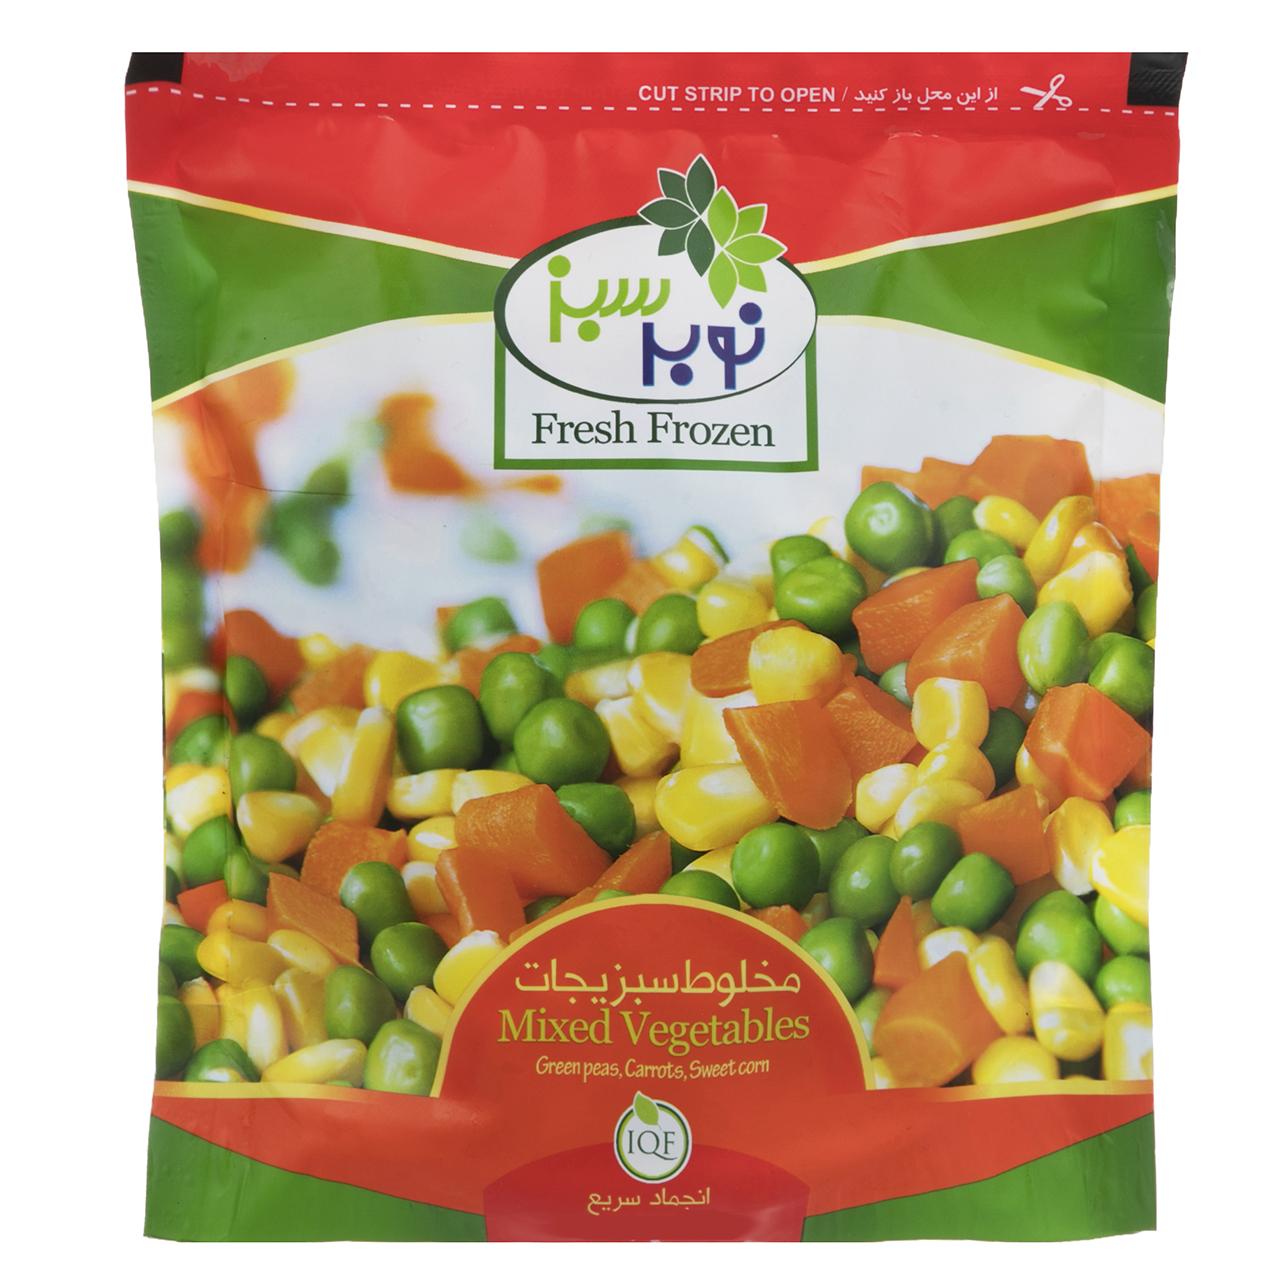 مخلوط سبزیجات منجمد نوبر سبز مقدار 400 گرم